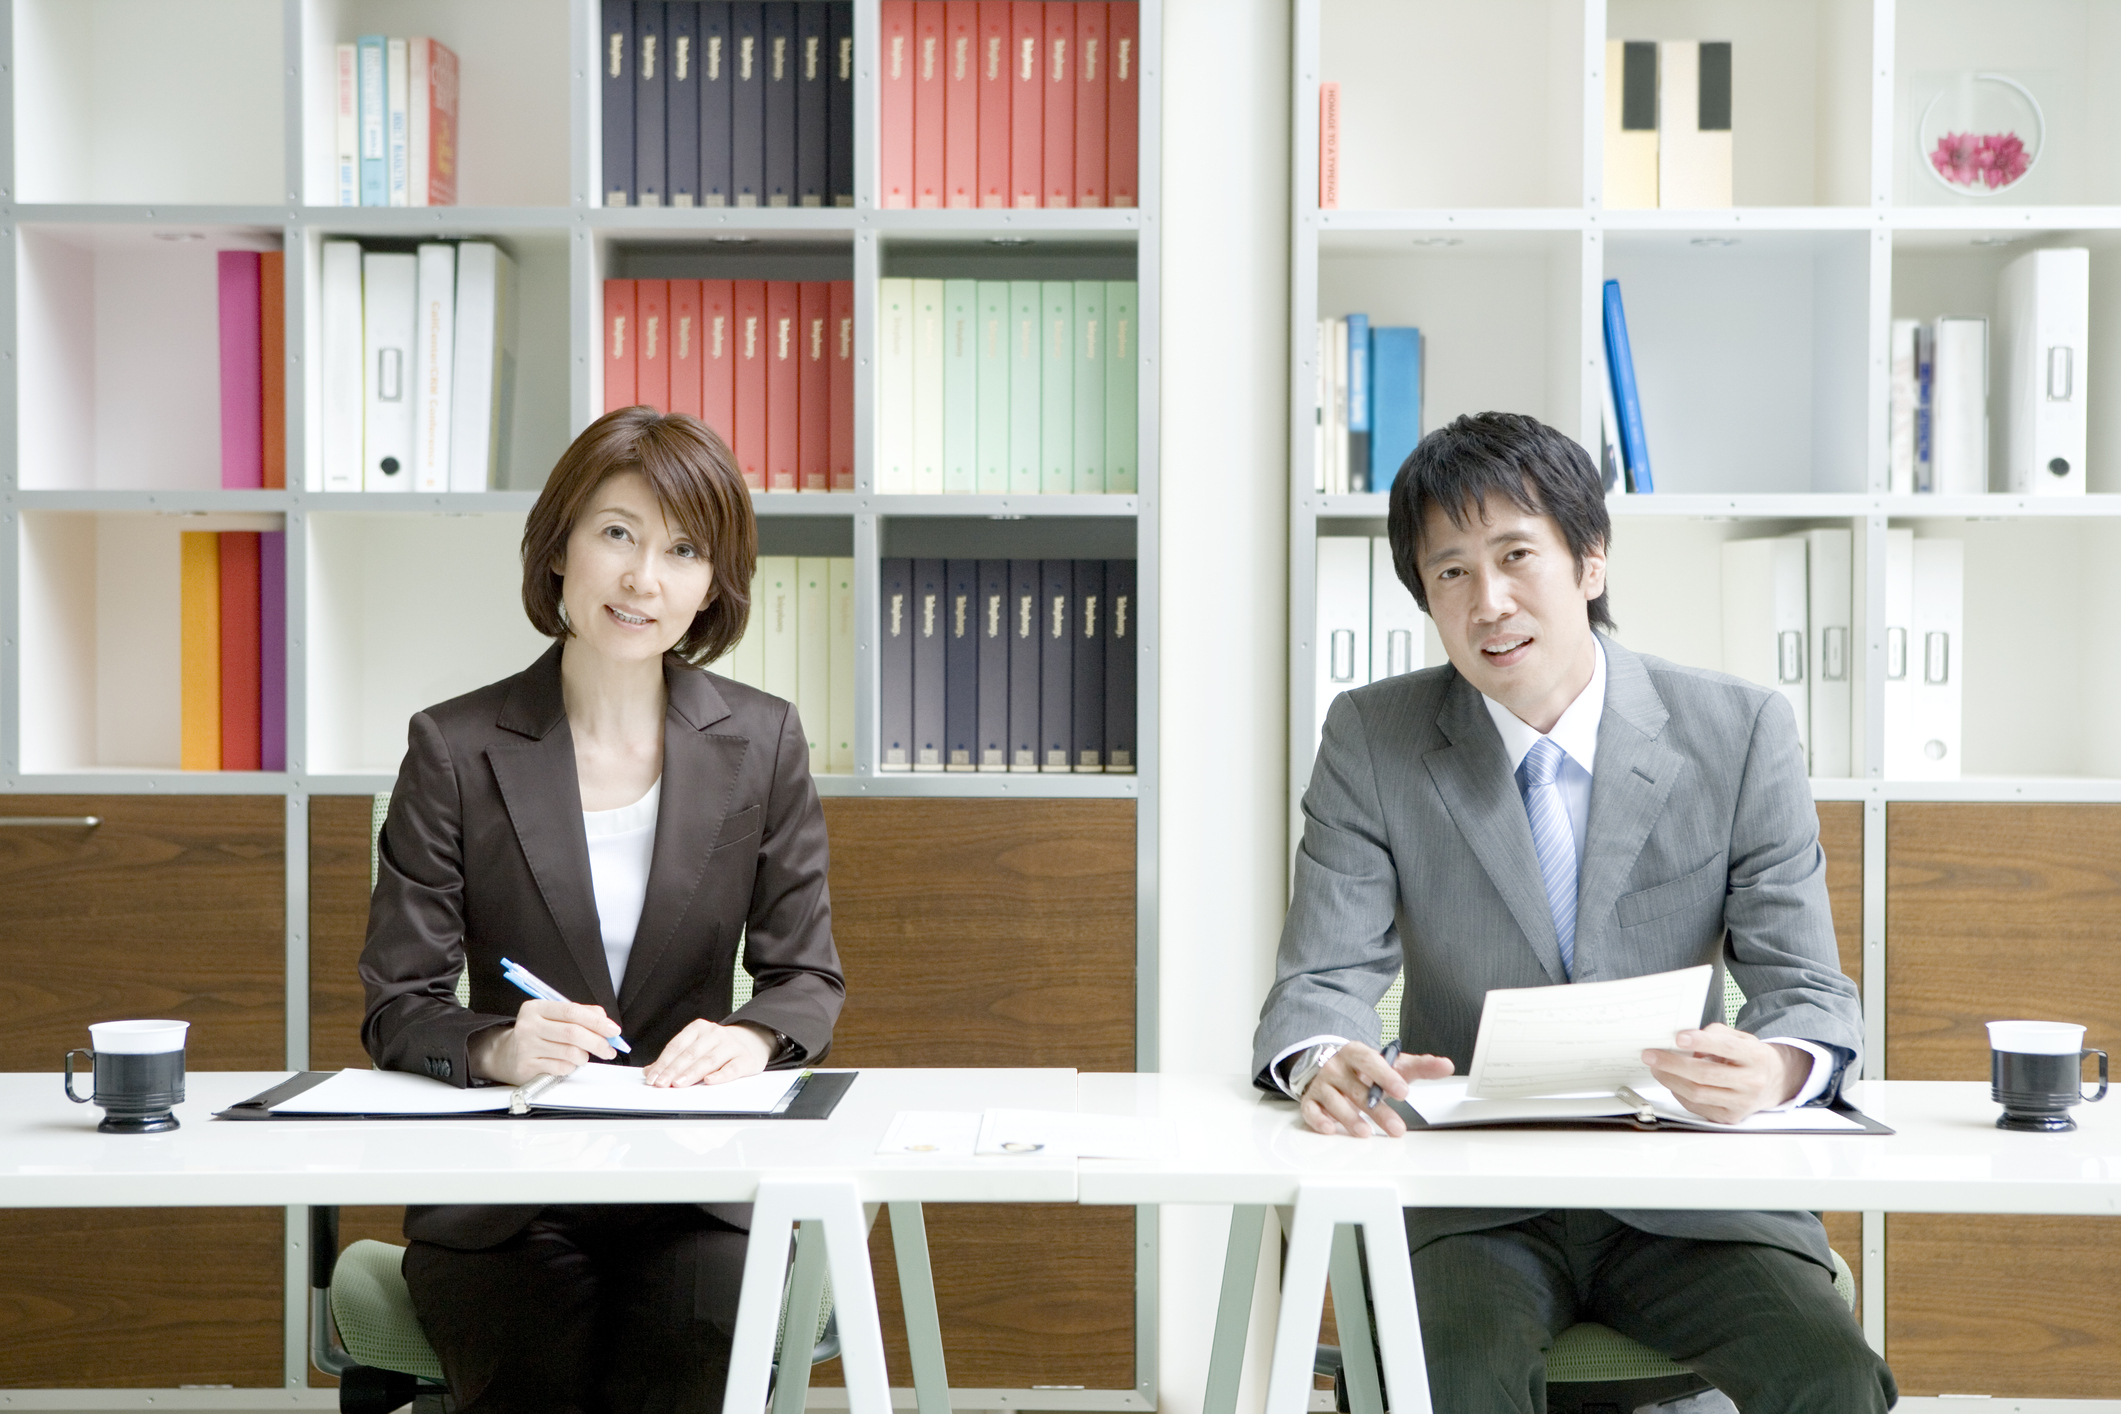 就業について熱意を伝え、採用担当者の不安を払拭するのが必要